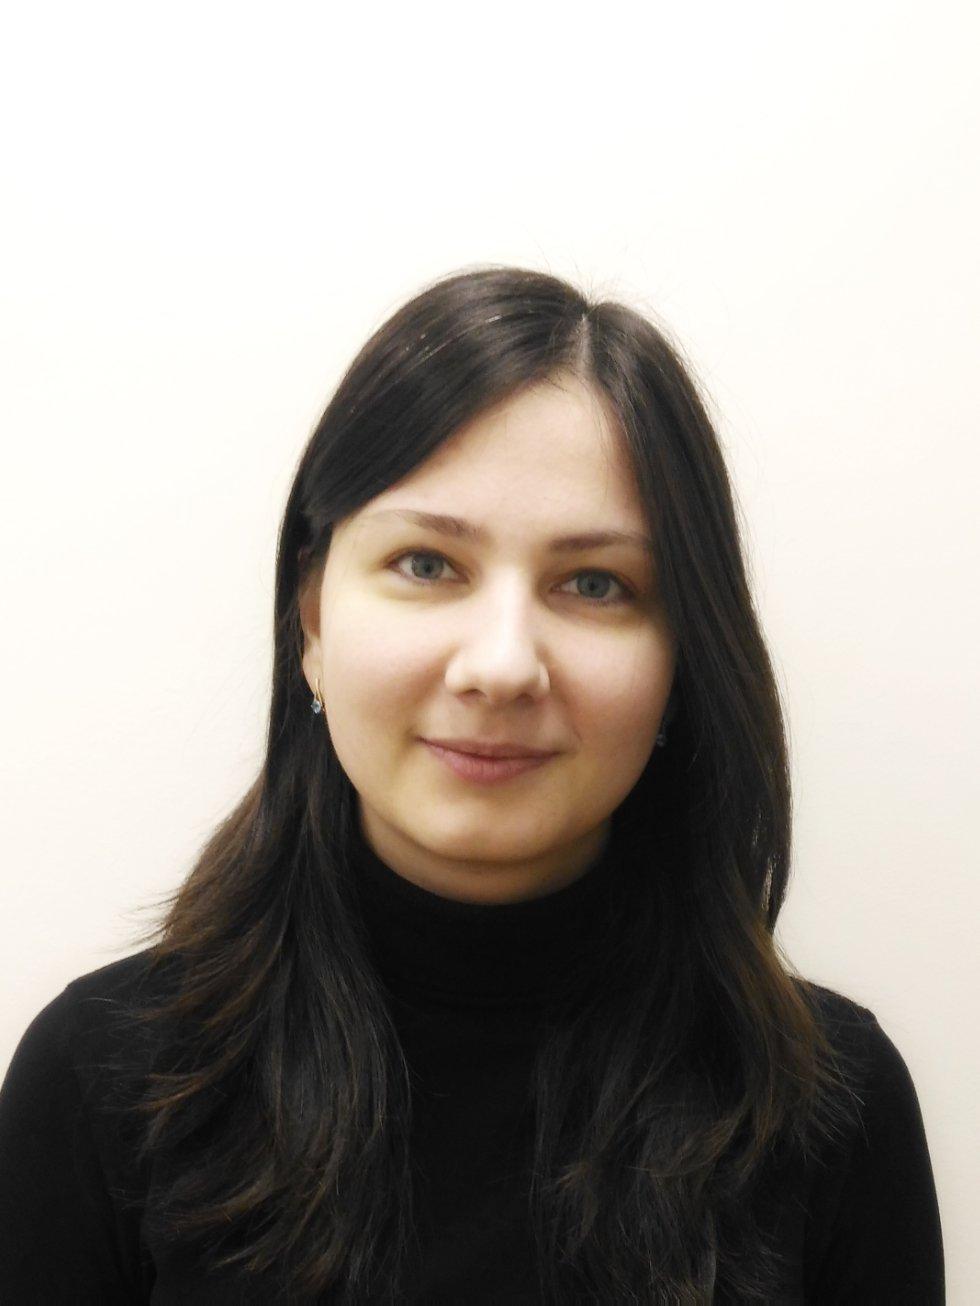 Синягина Мария Николаевна